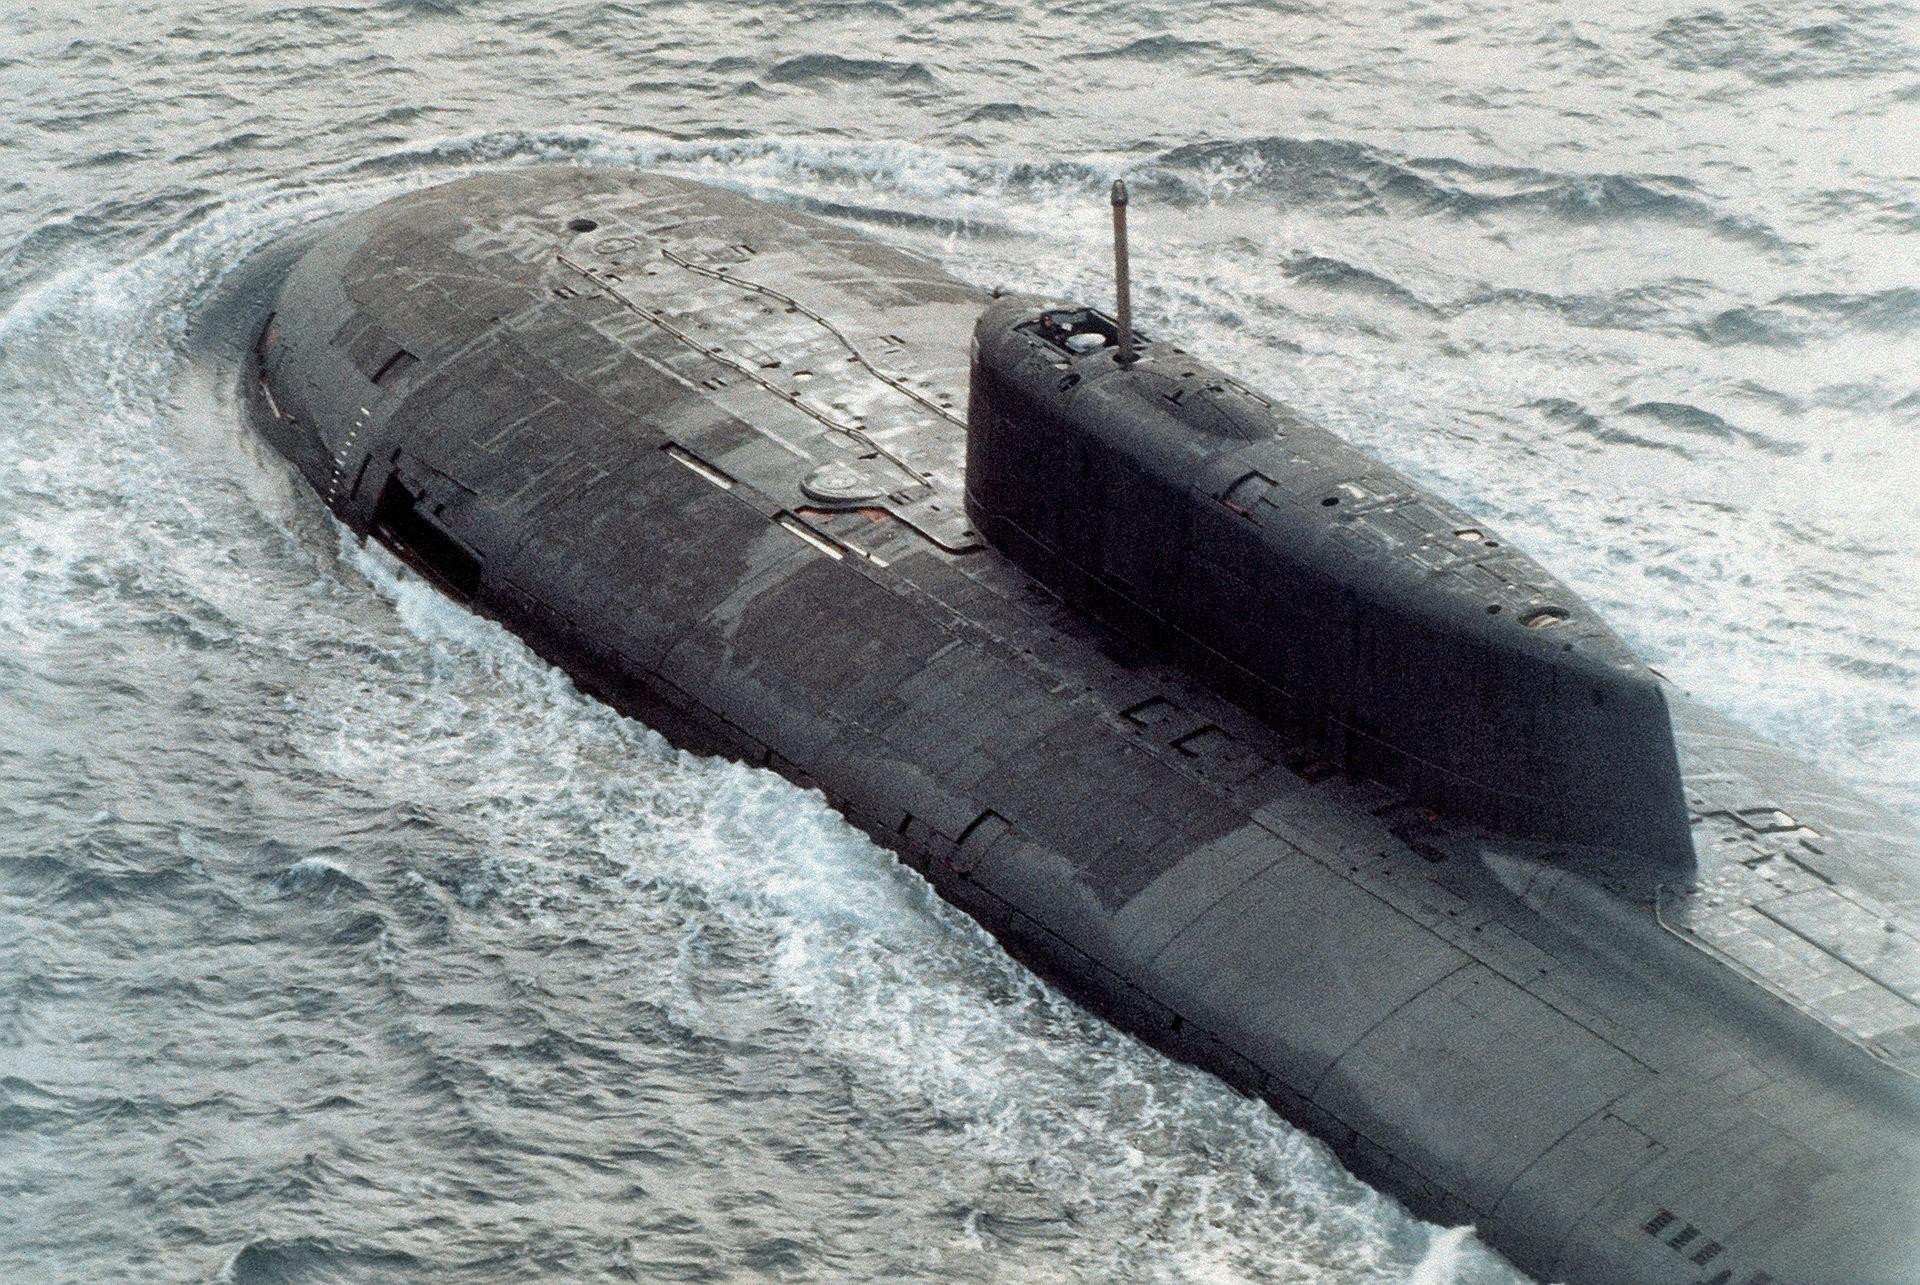 ładunki jądrowe na podwodnych dronach